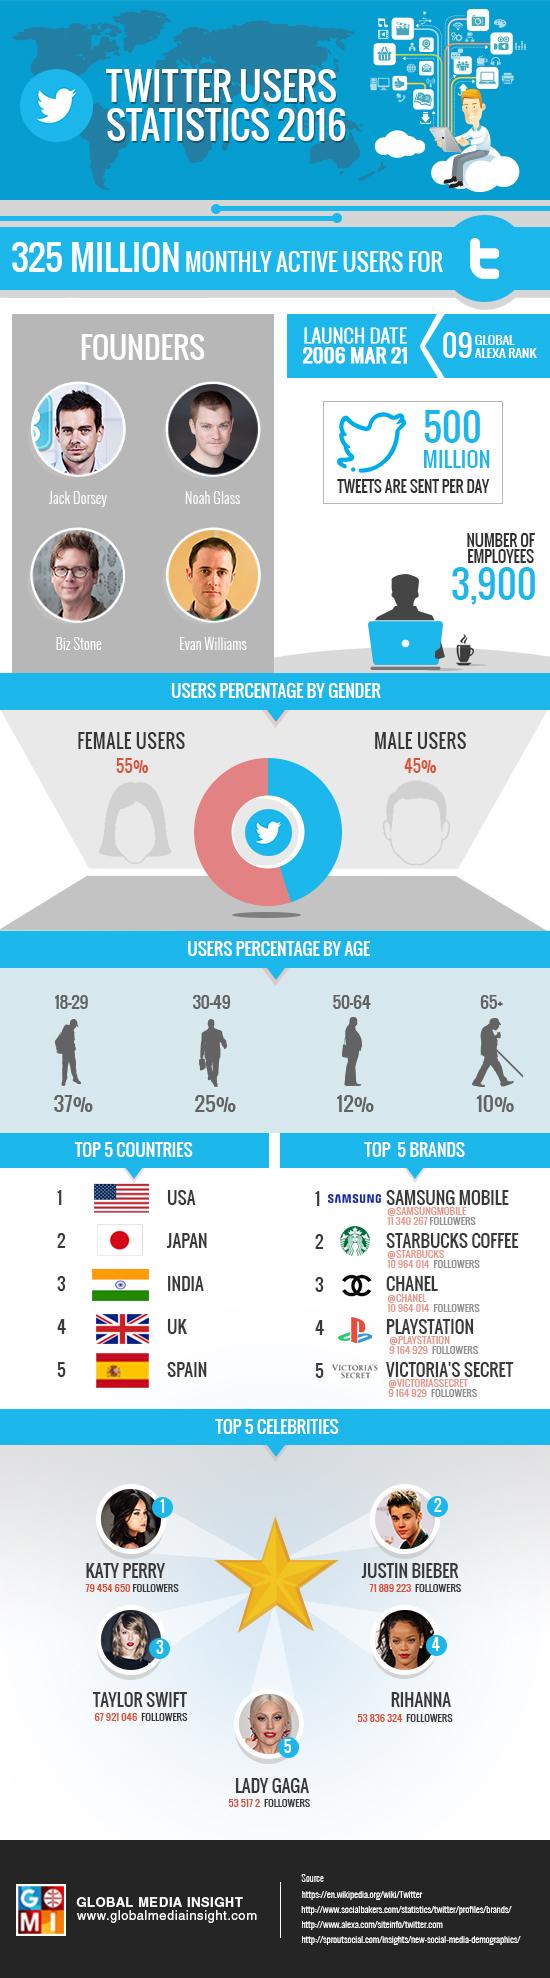 Twitter users Statistics 2016